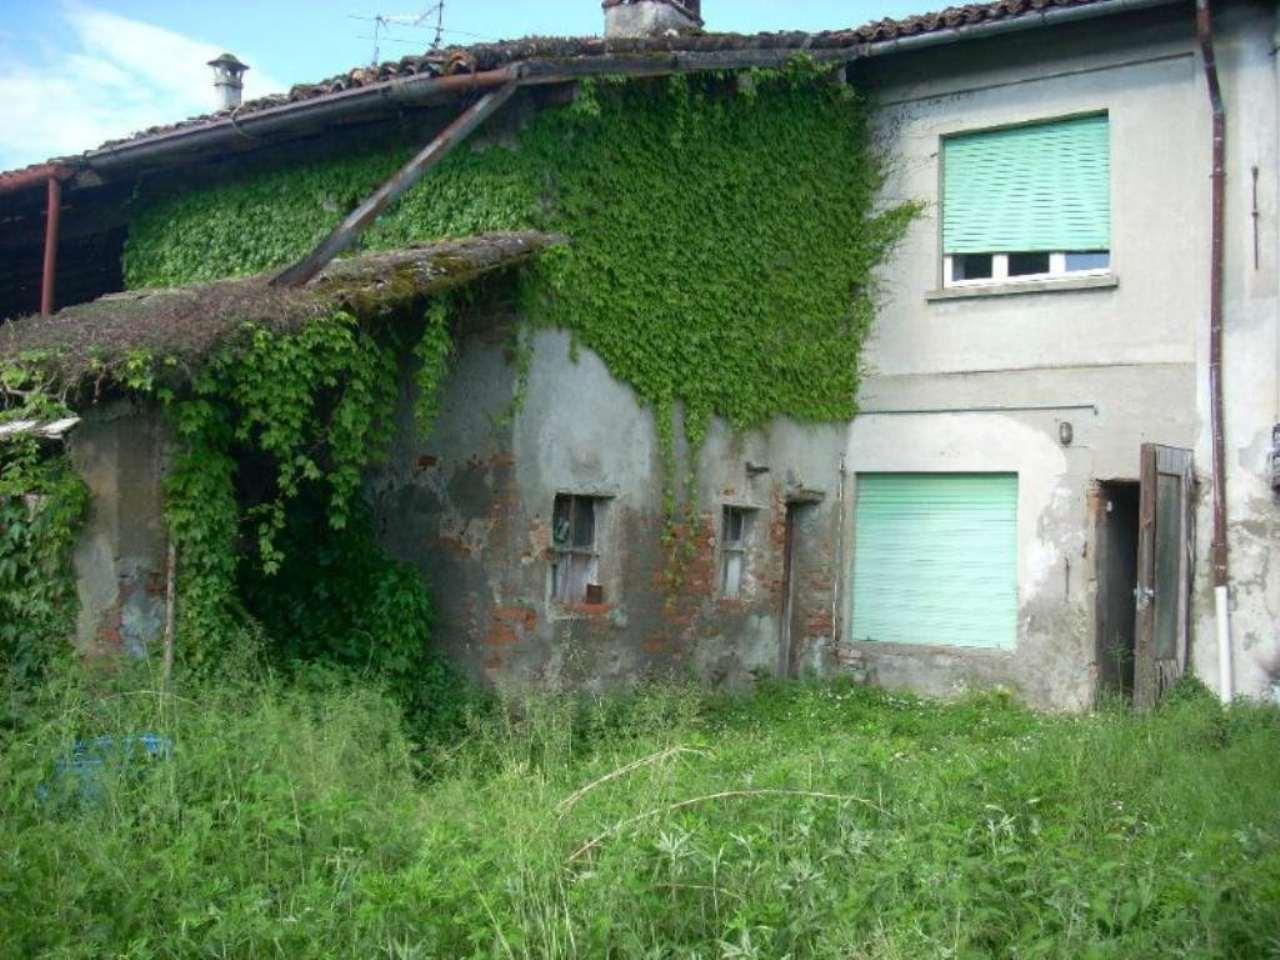 Rustico / Casale in vendita a Montodine, 4 locali, prezzo € 45.000 | Cambio Casa.it